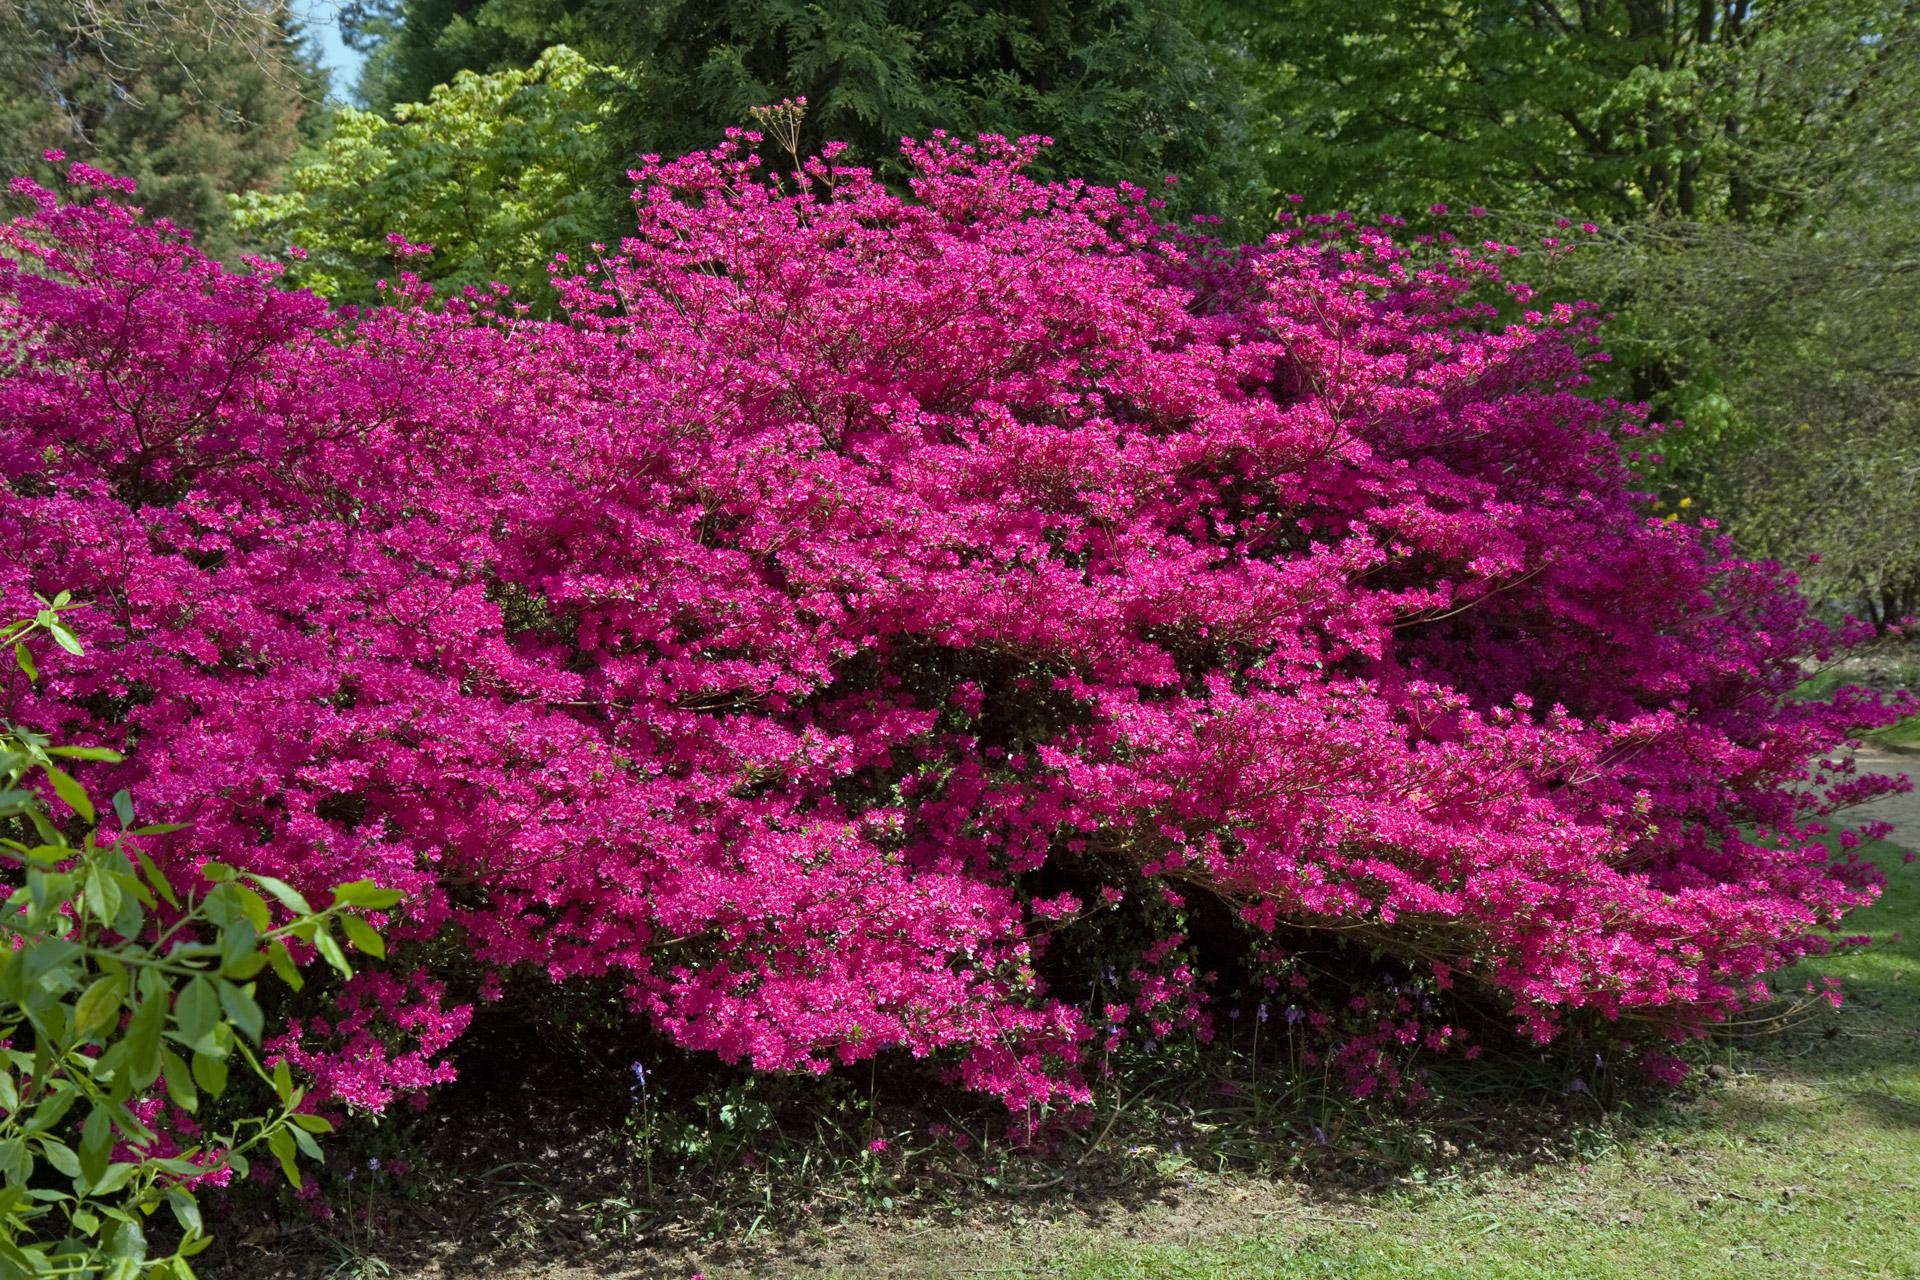 Bush Shrub Pink Pretty Flowers Free Image From Needpix Com